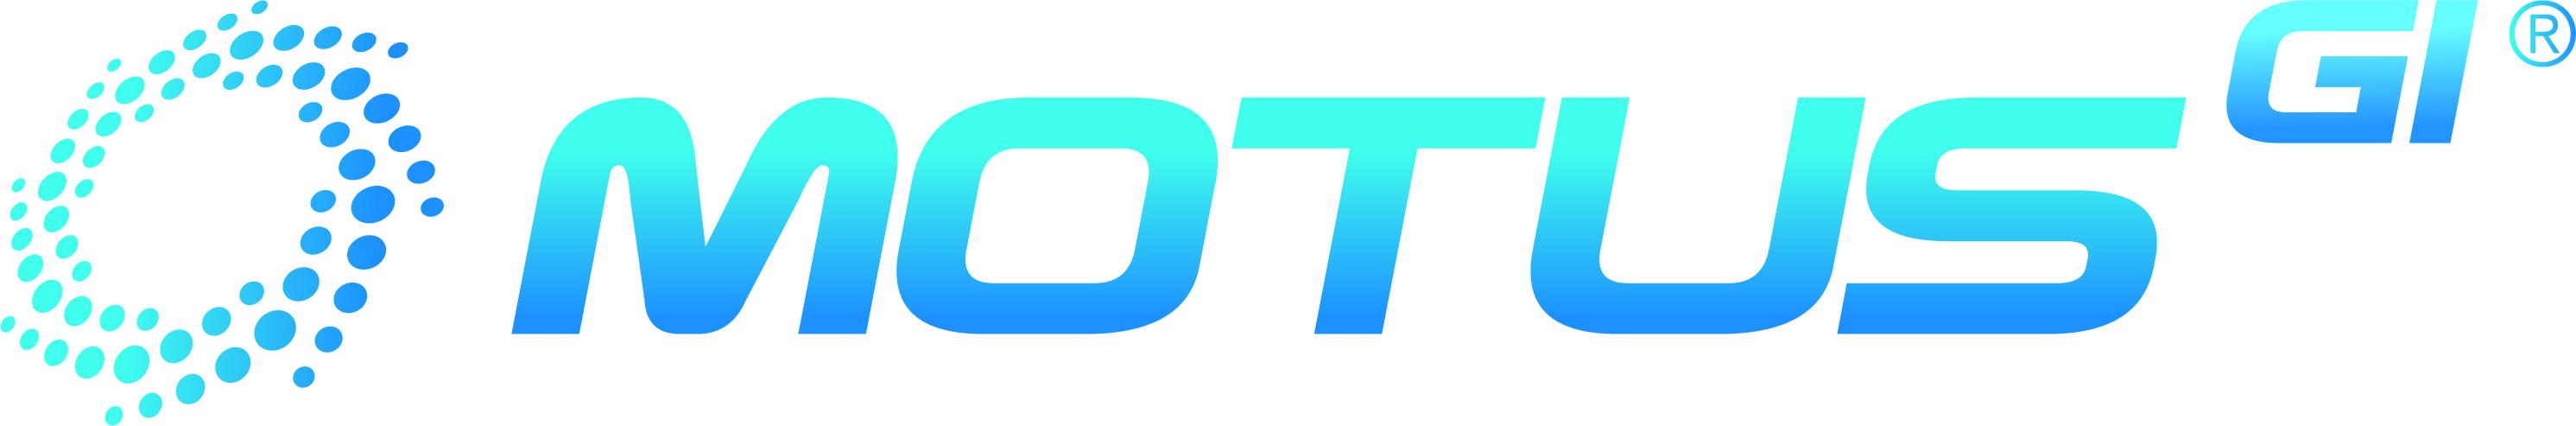 motusgi_logo_4-c_gradient-(002)-e0bf93681d27683997ebff000074820c